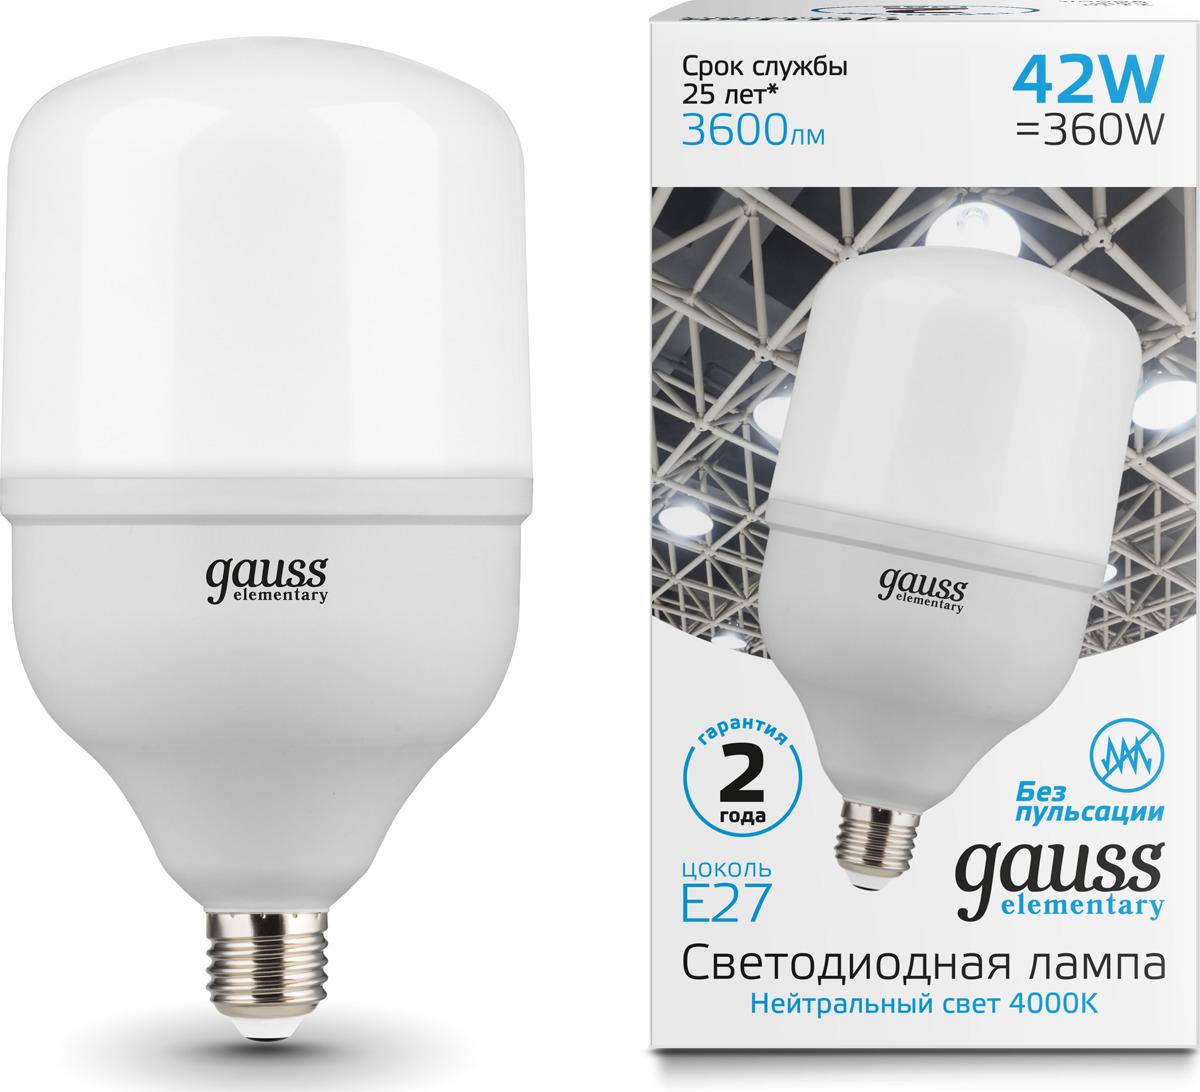 Лампочка Gauss Elementary LED, T120, E27, 42W. 63224